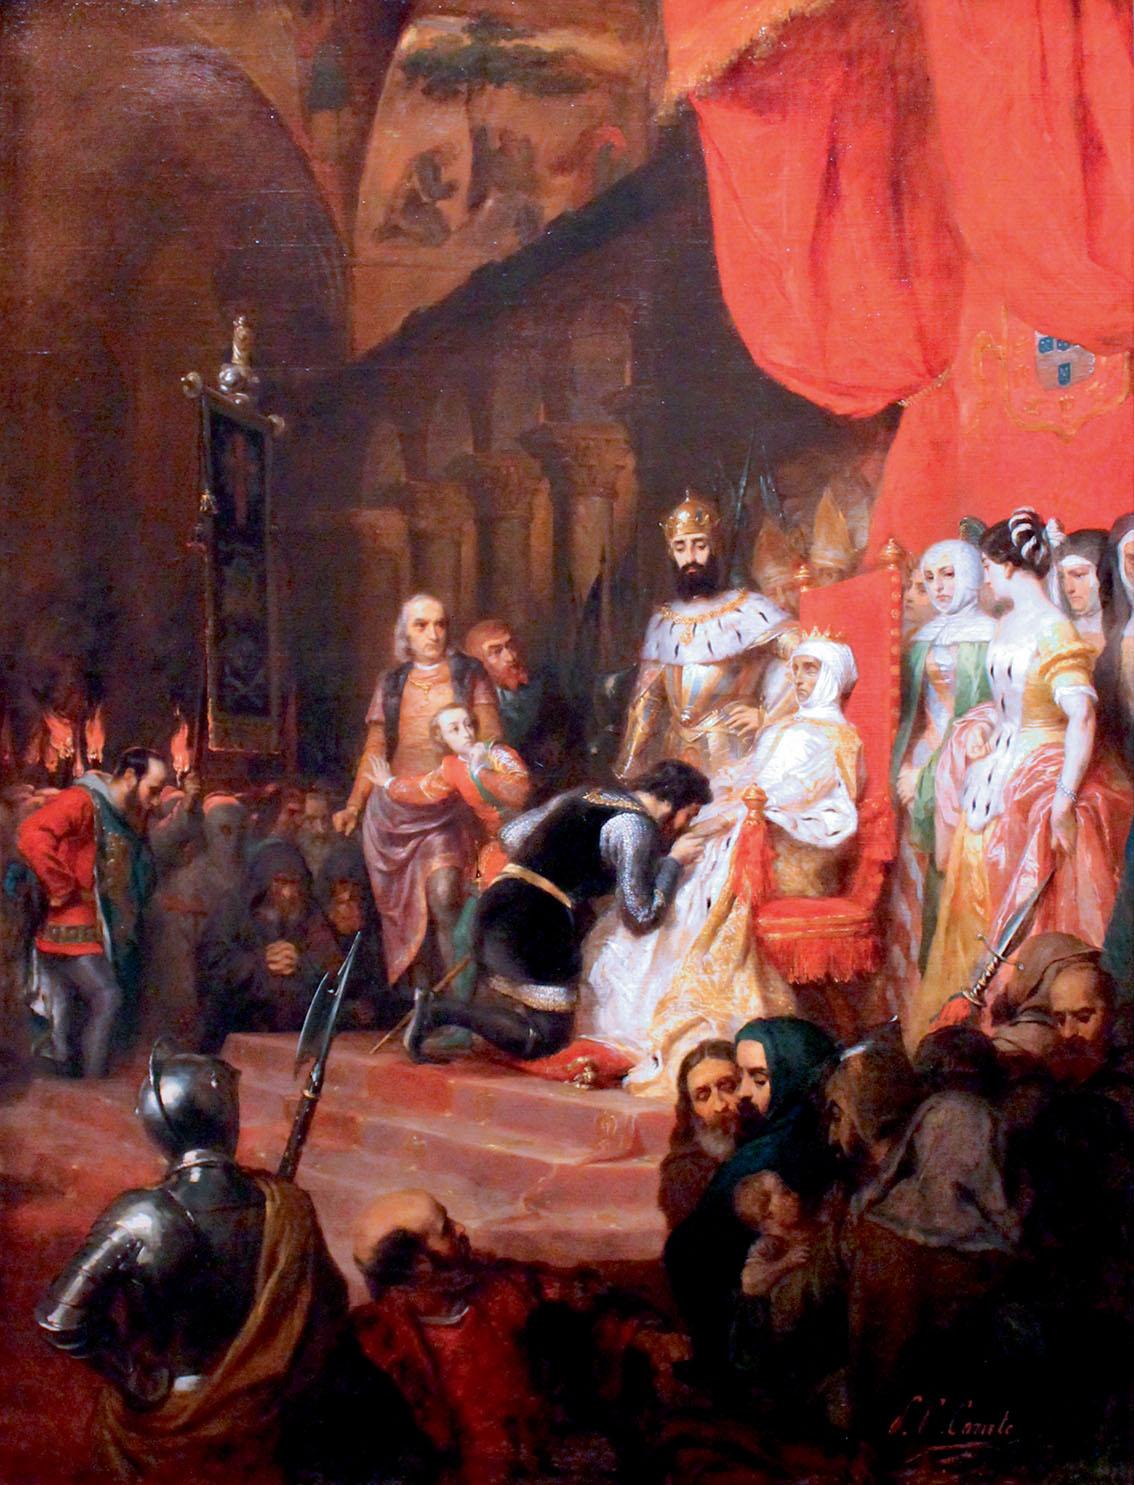 Пьер-Шарль Комт. «Коронация Инес де Кастро в 1361 году». (1849)